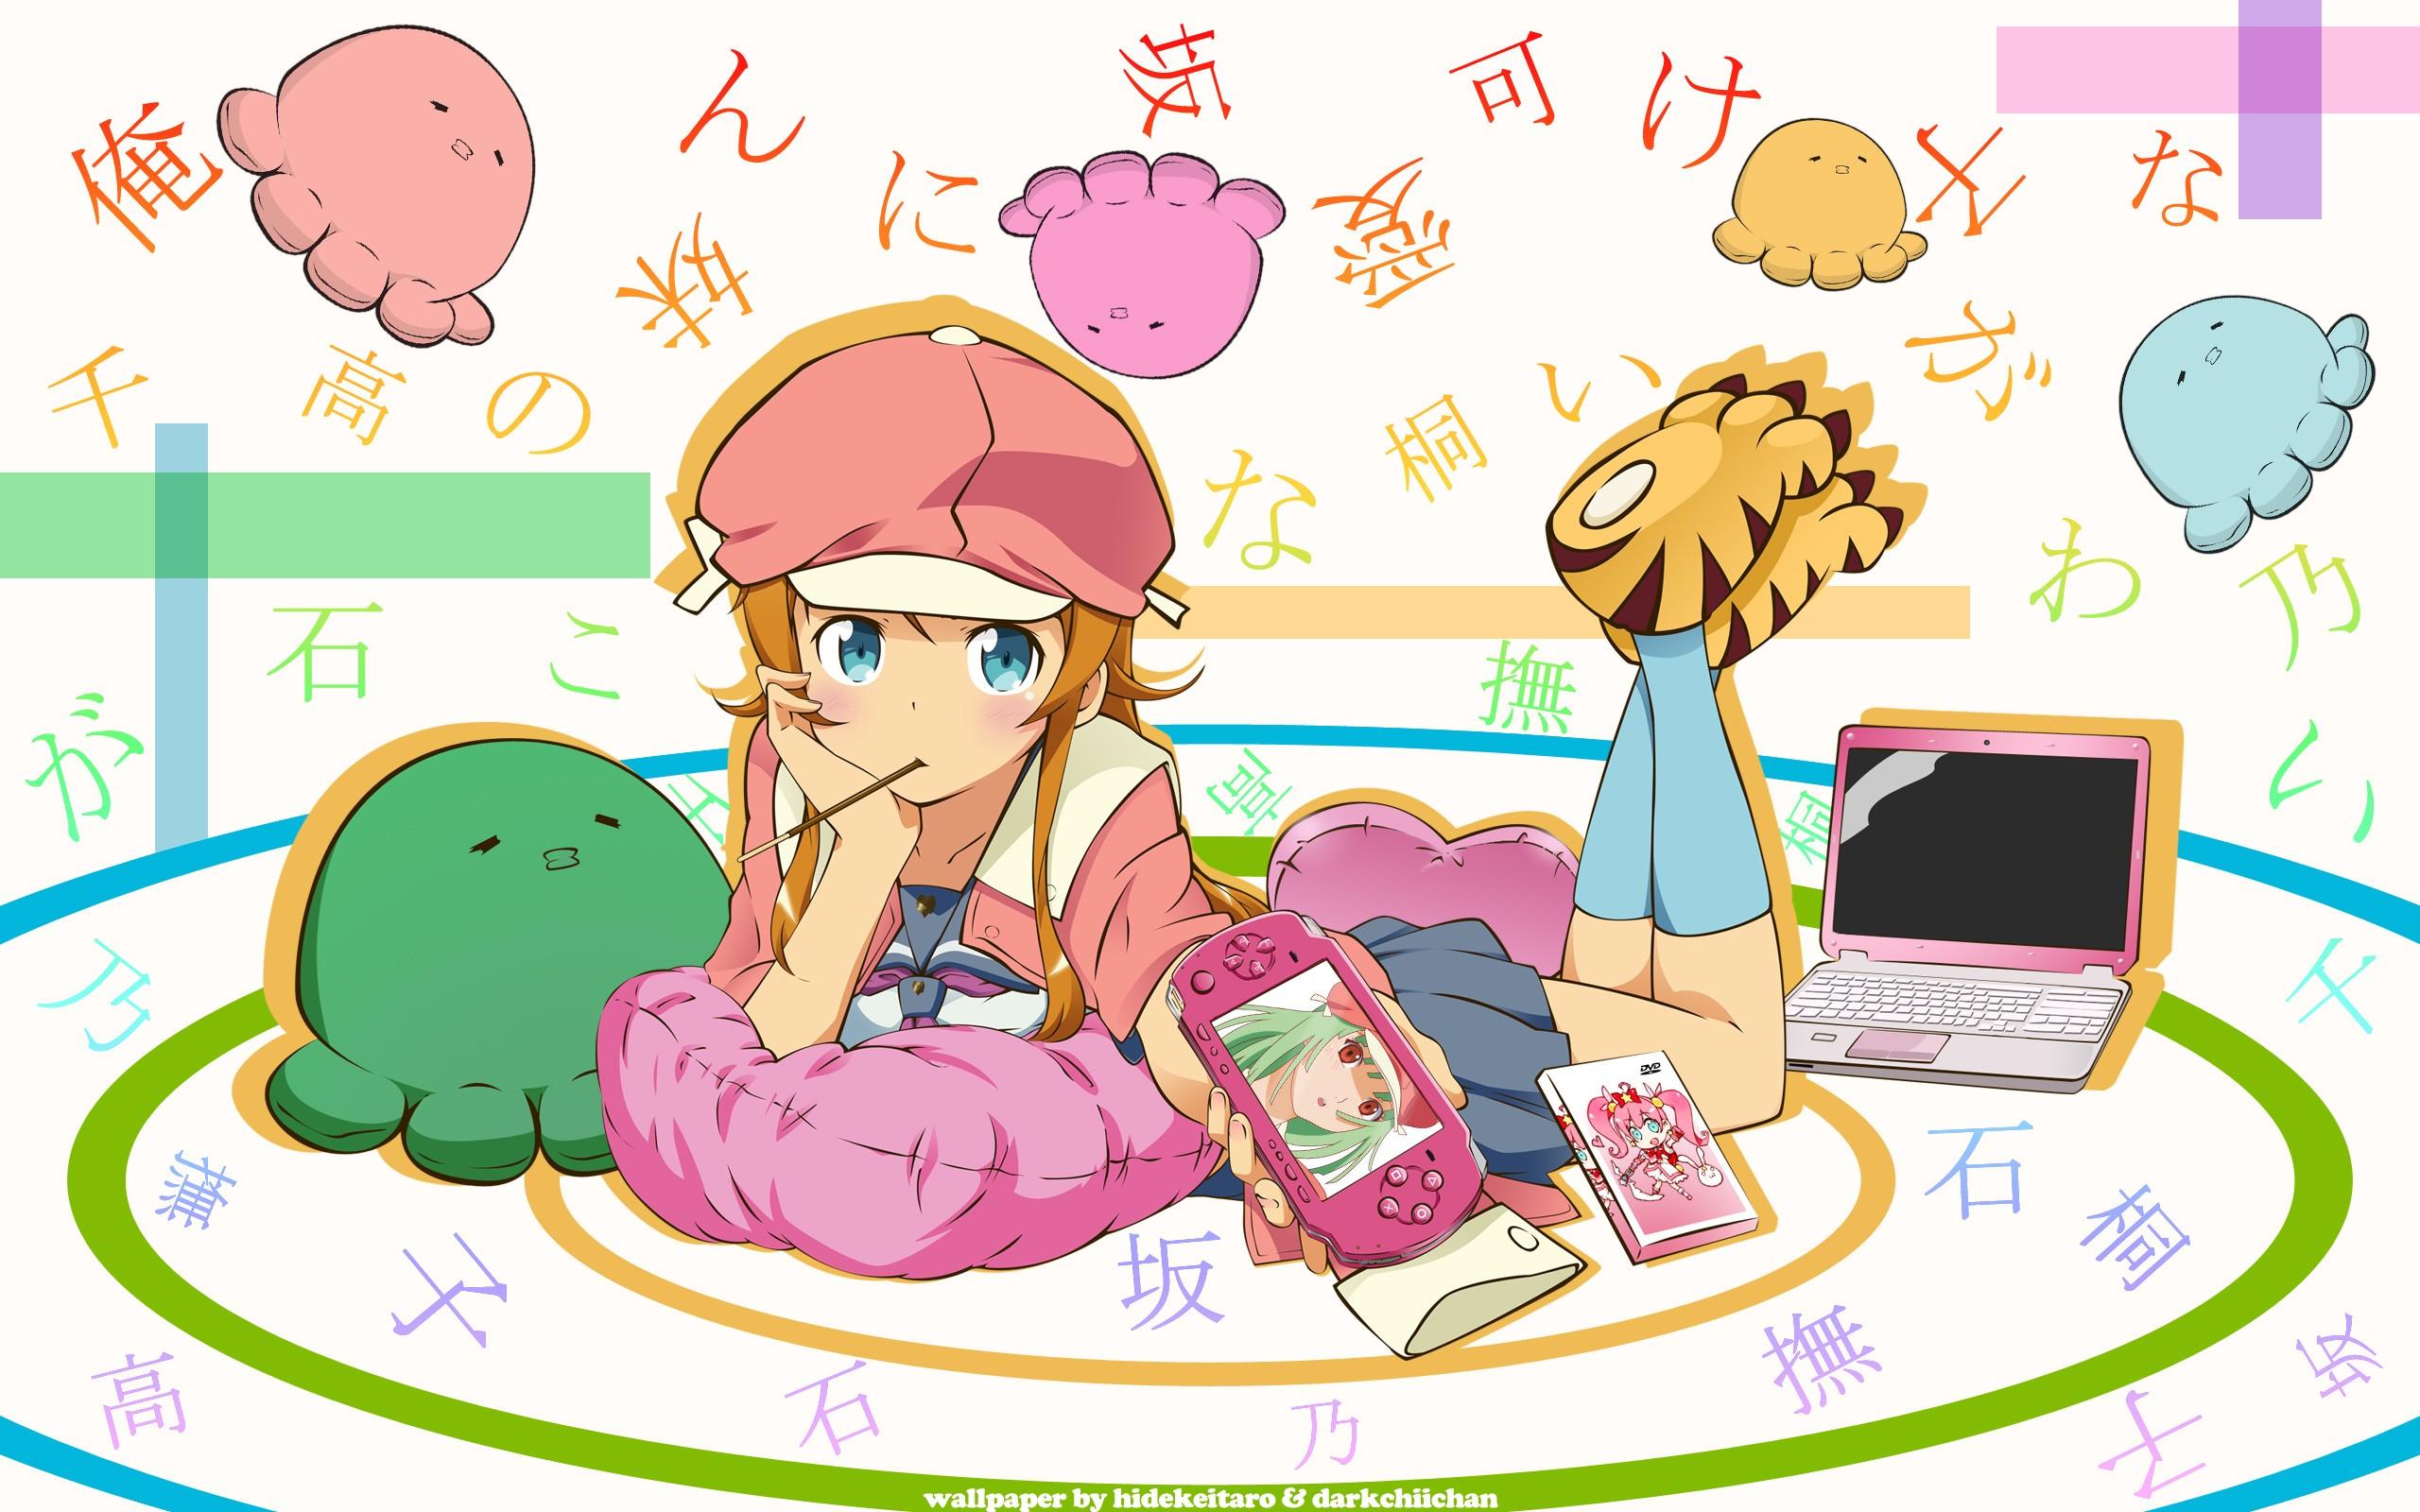 Wallpaper Ilustrasi Monogatari Series Gadis Anime Gambar Kartun